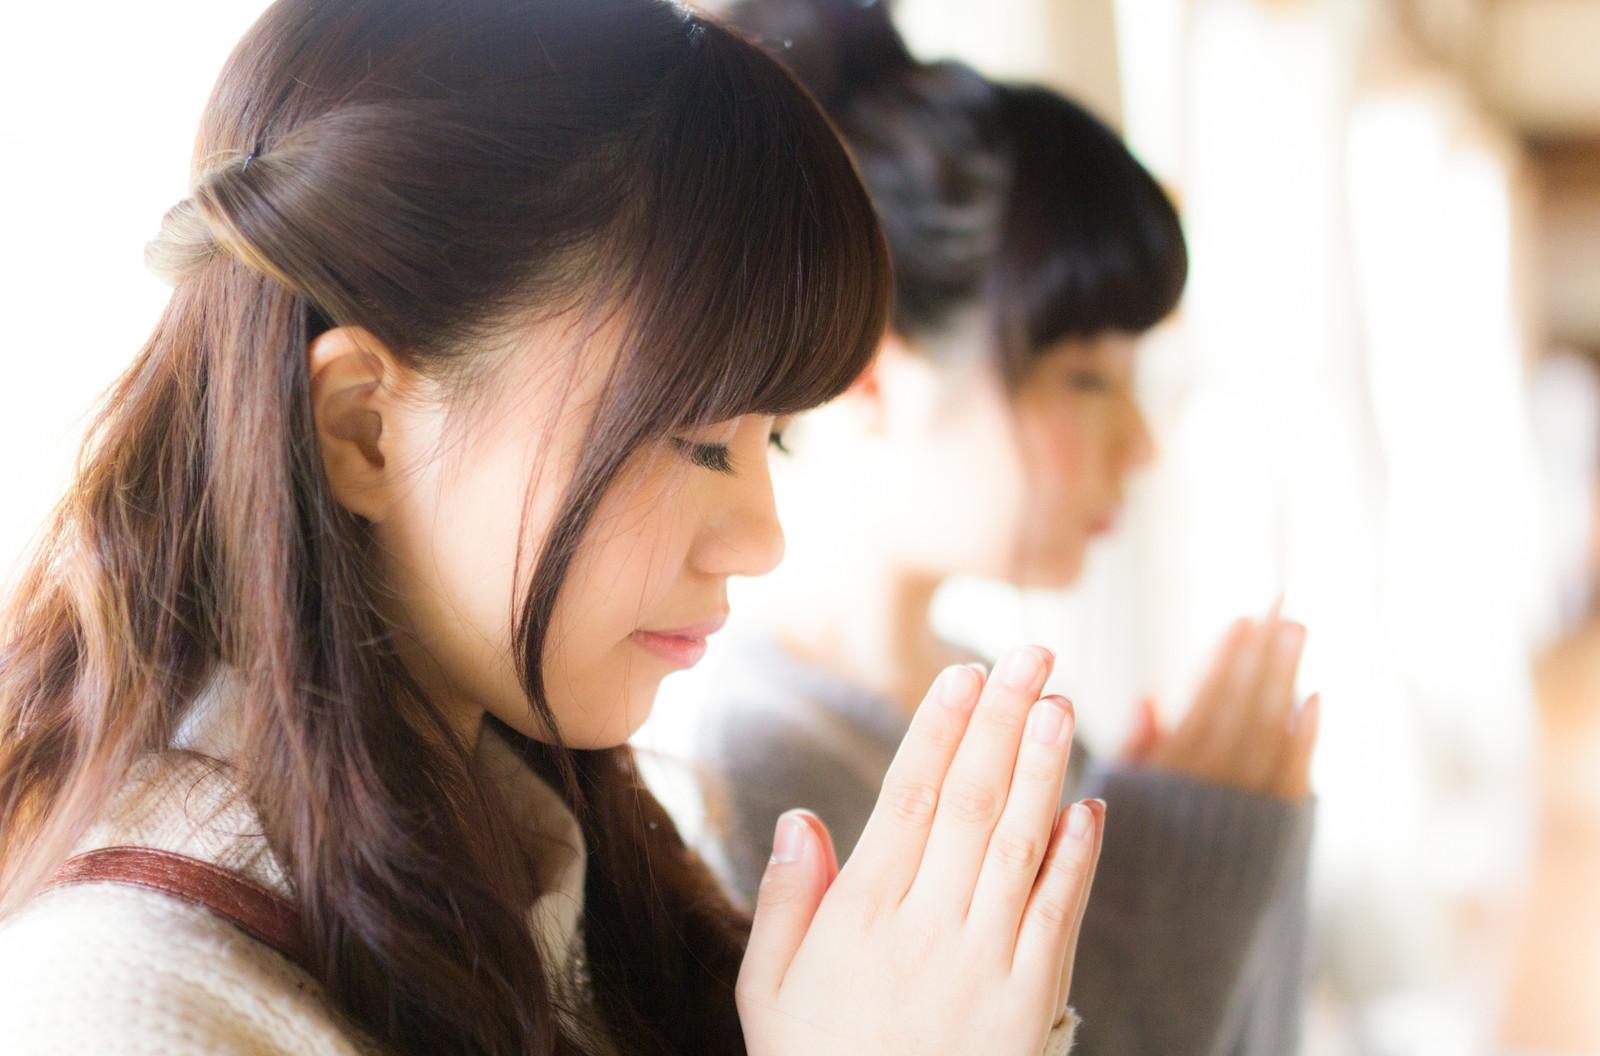 神社や仏閣にお参りし、手を合わせること。それは自分自身への感謝にも繋がります。